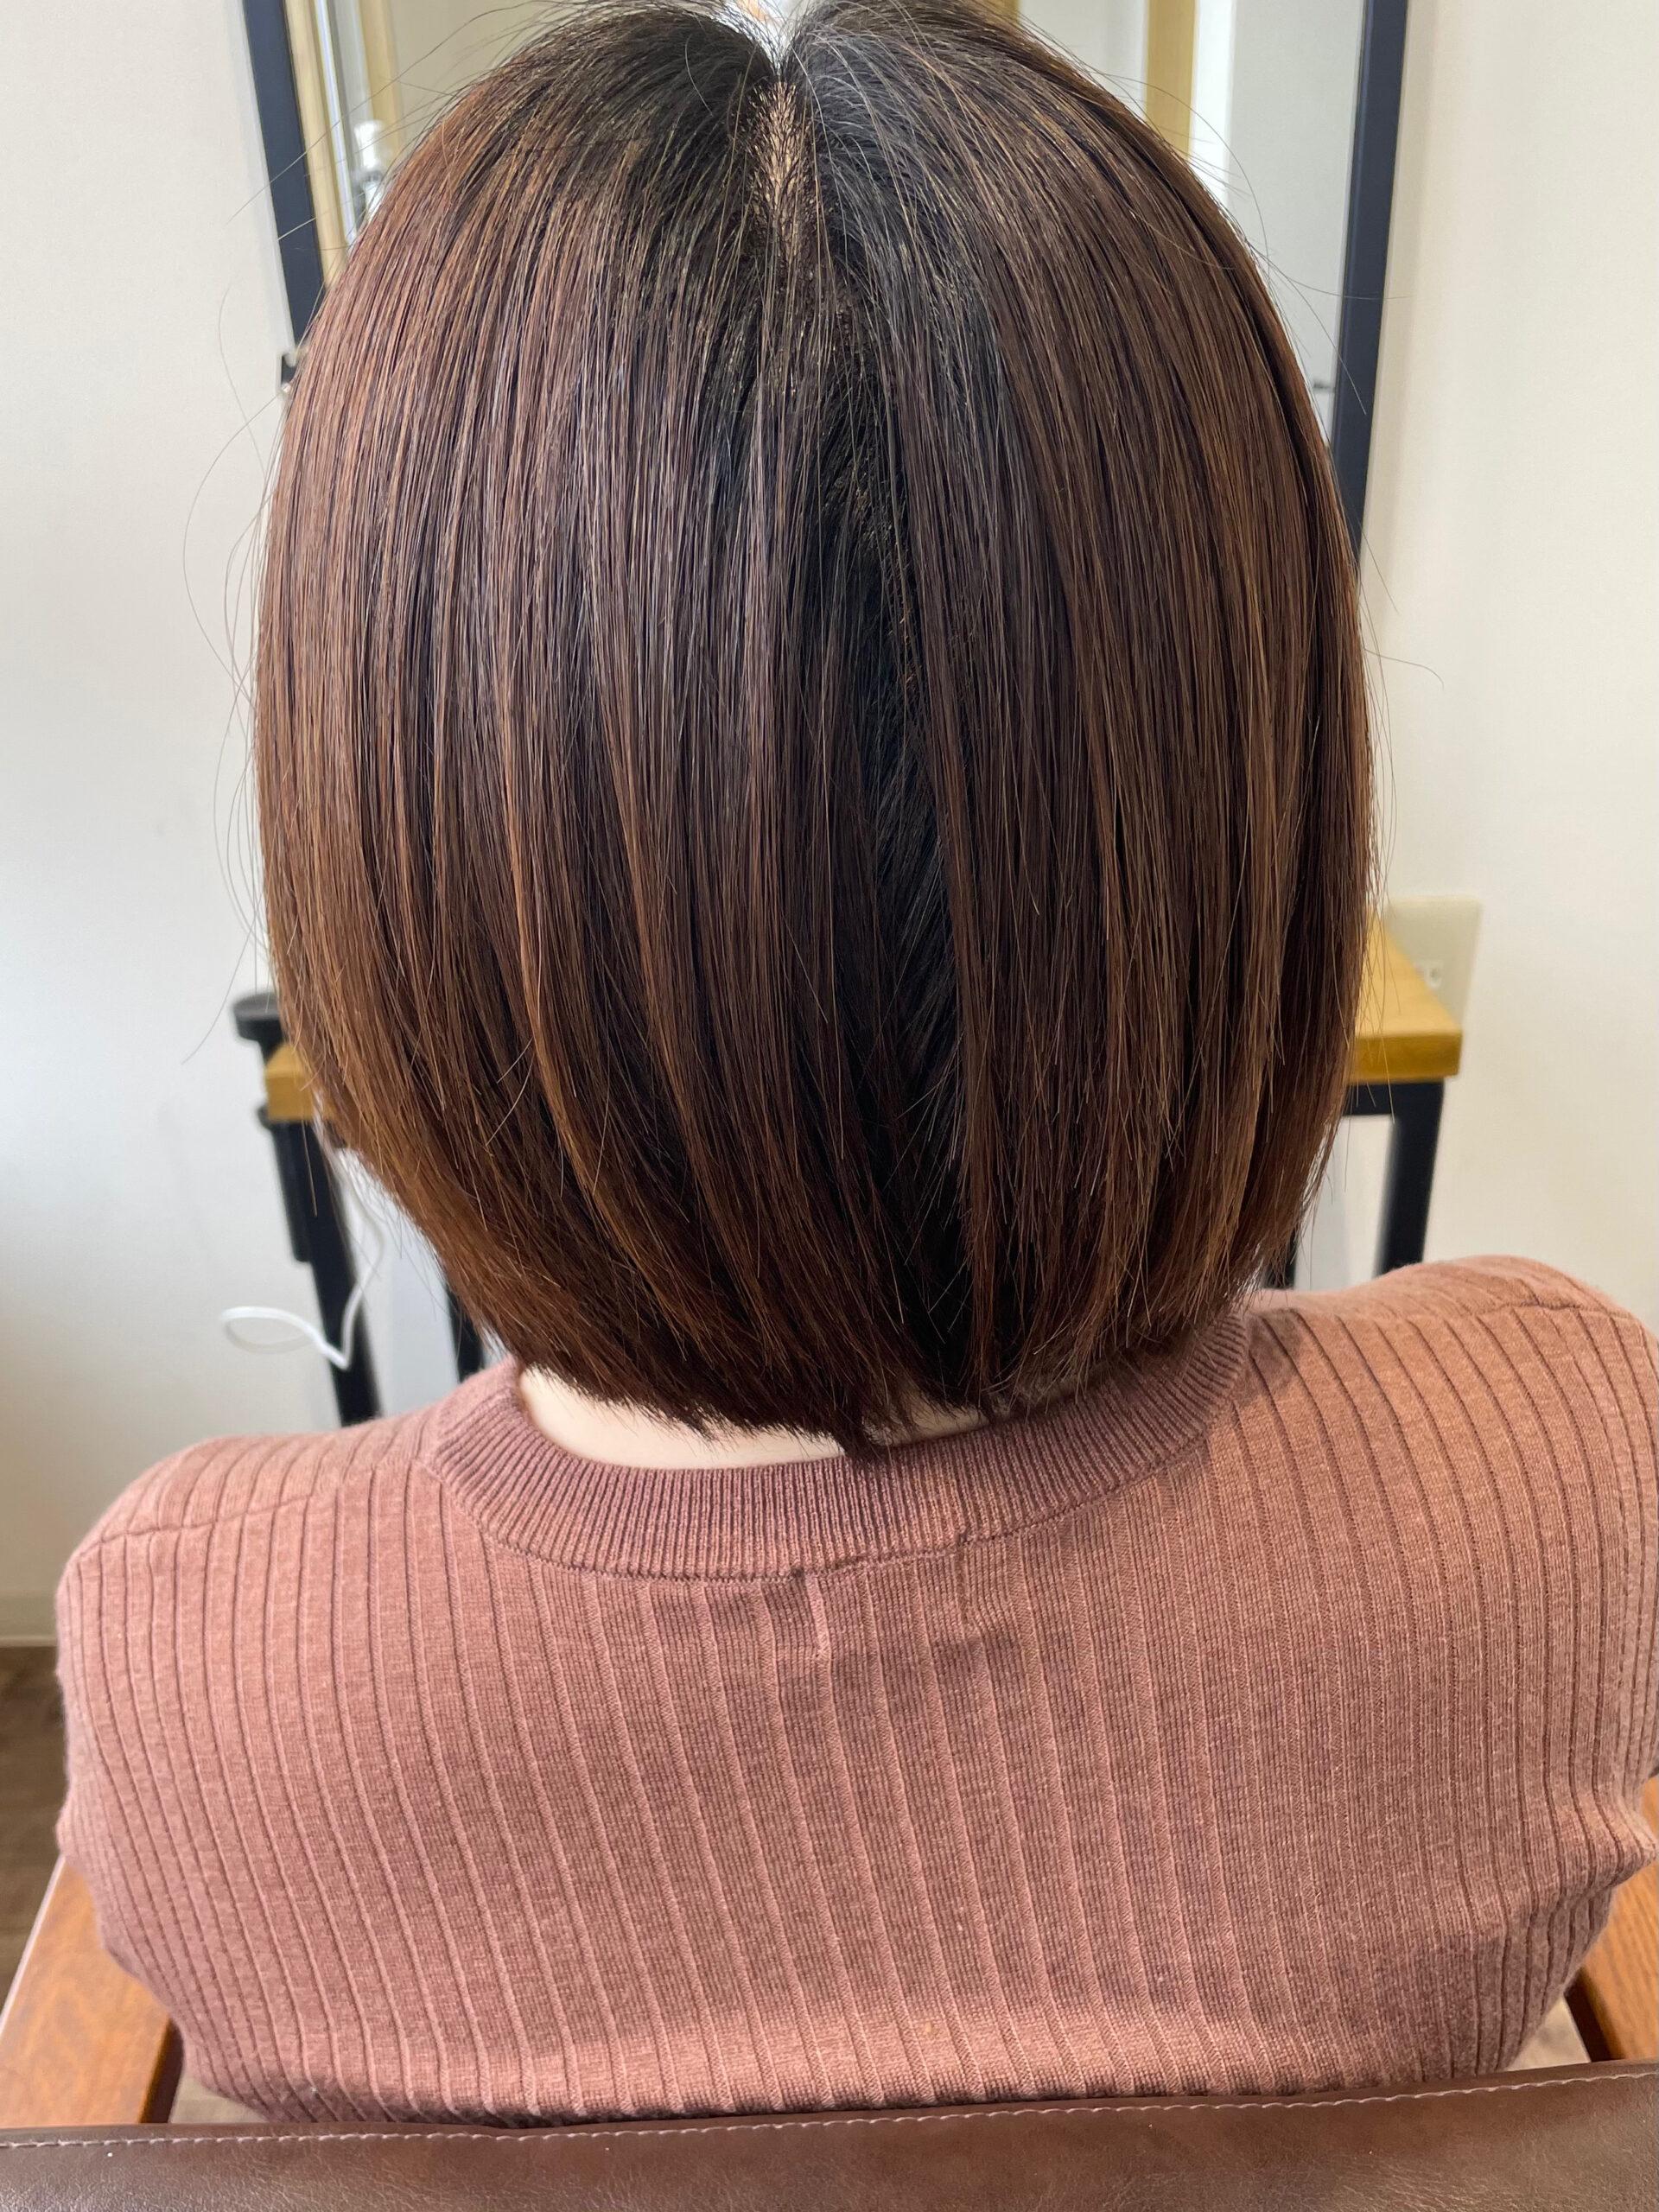 大分県別府市 ツヤ髪になりたい方は弱酸性ストレートとケアカラーの組み合わせが最強です! ビフォー